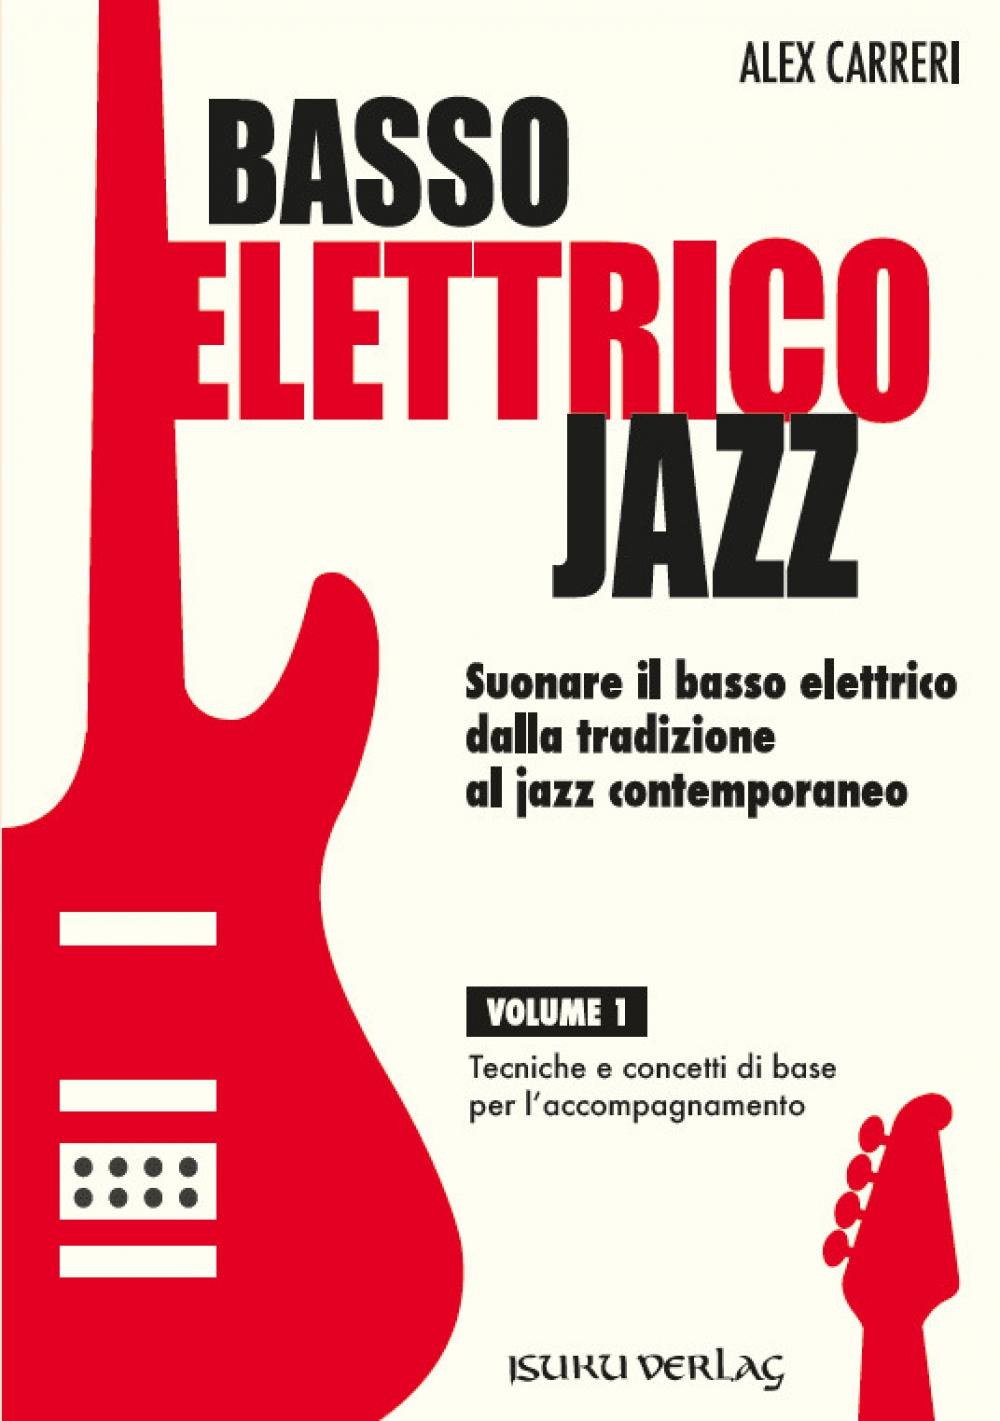 Alex Carreri <br/> Basso elettrico Jazz <br/> Isuku, 2018